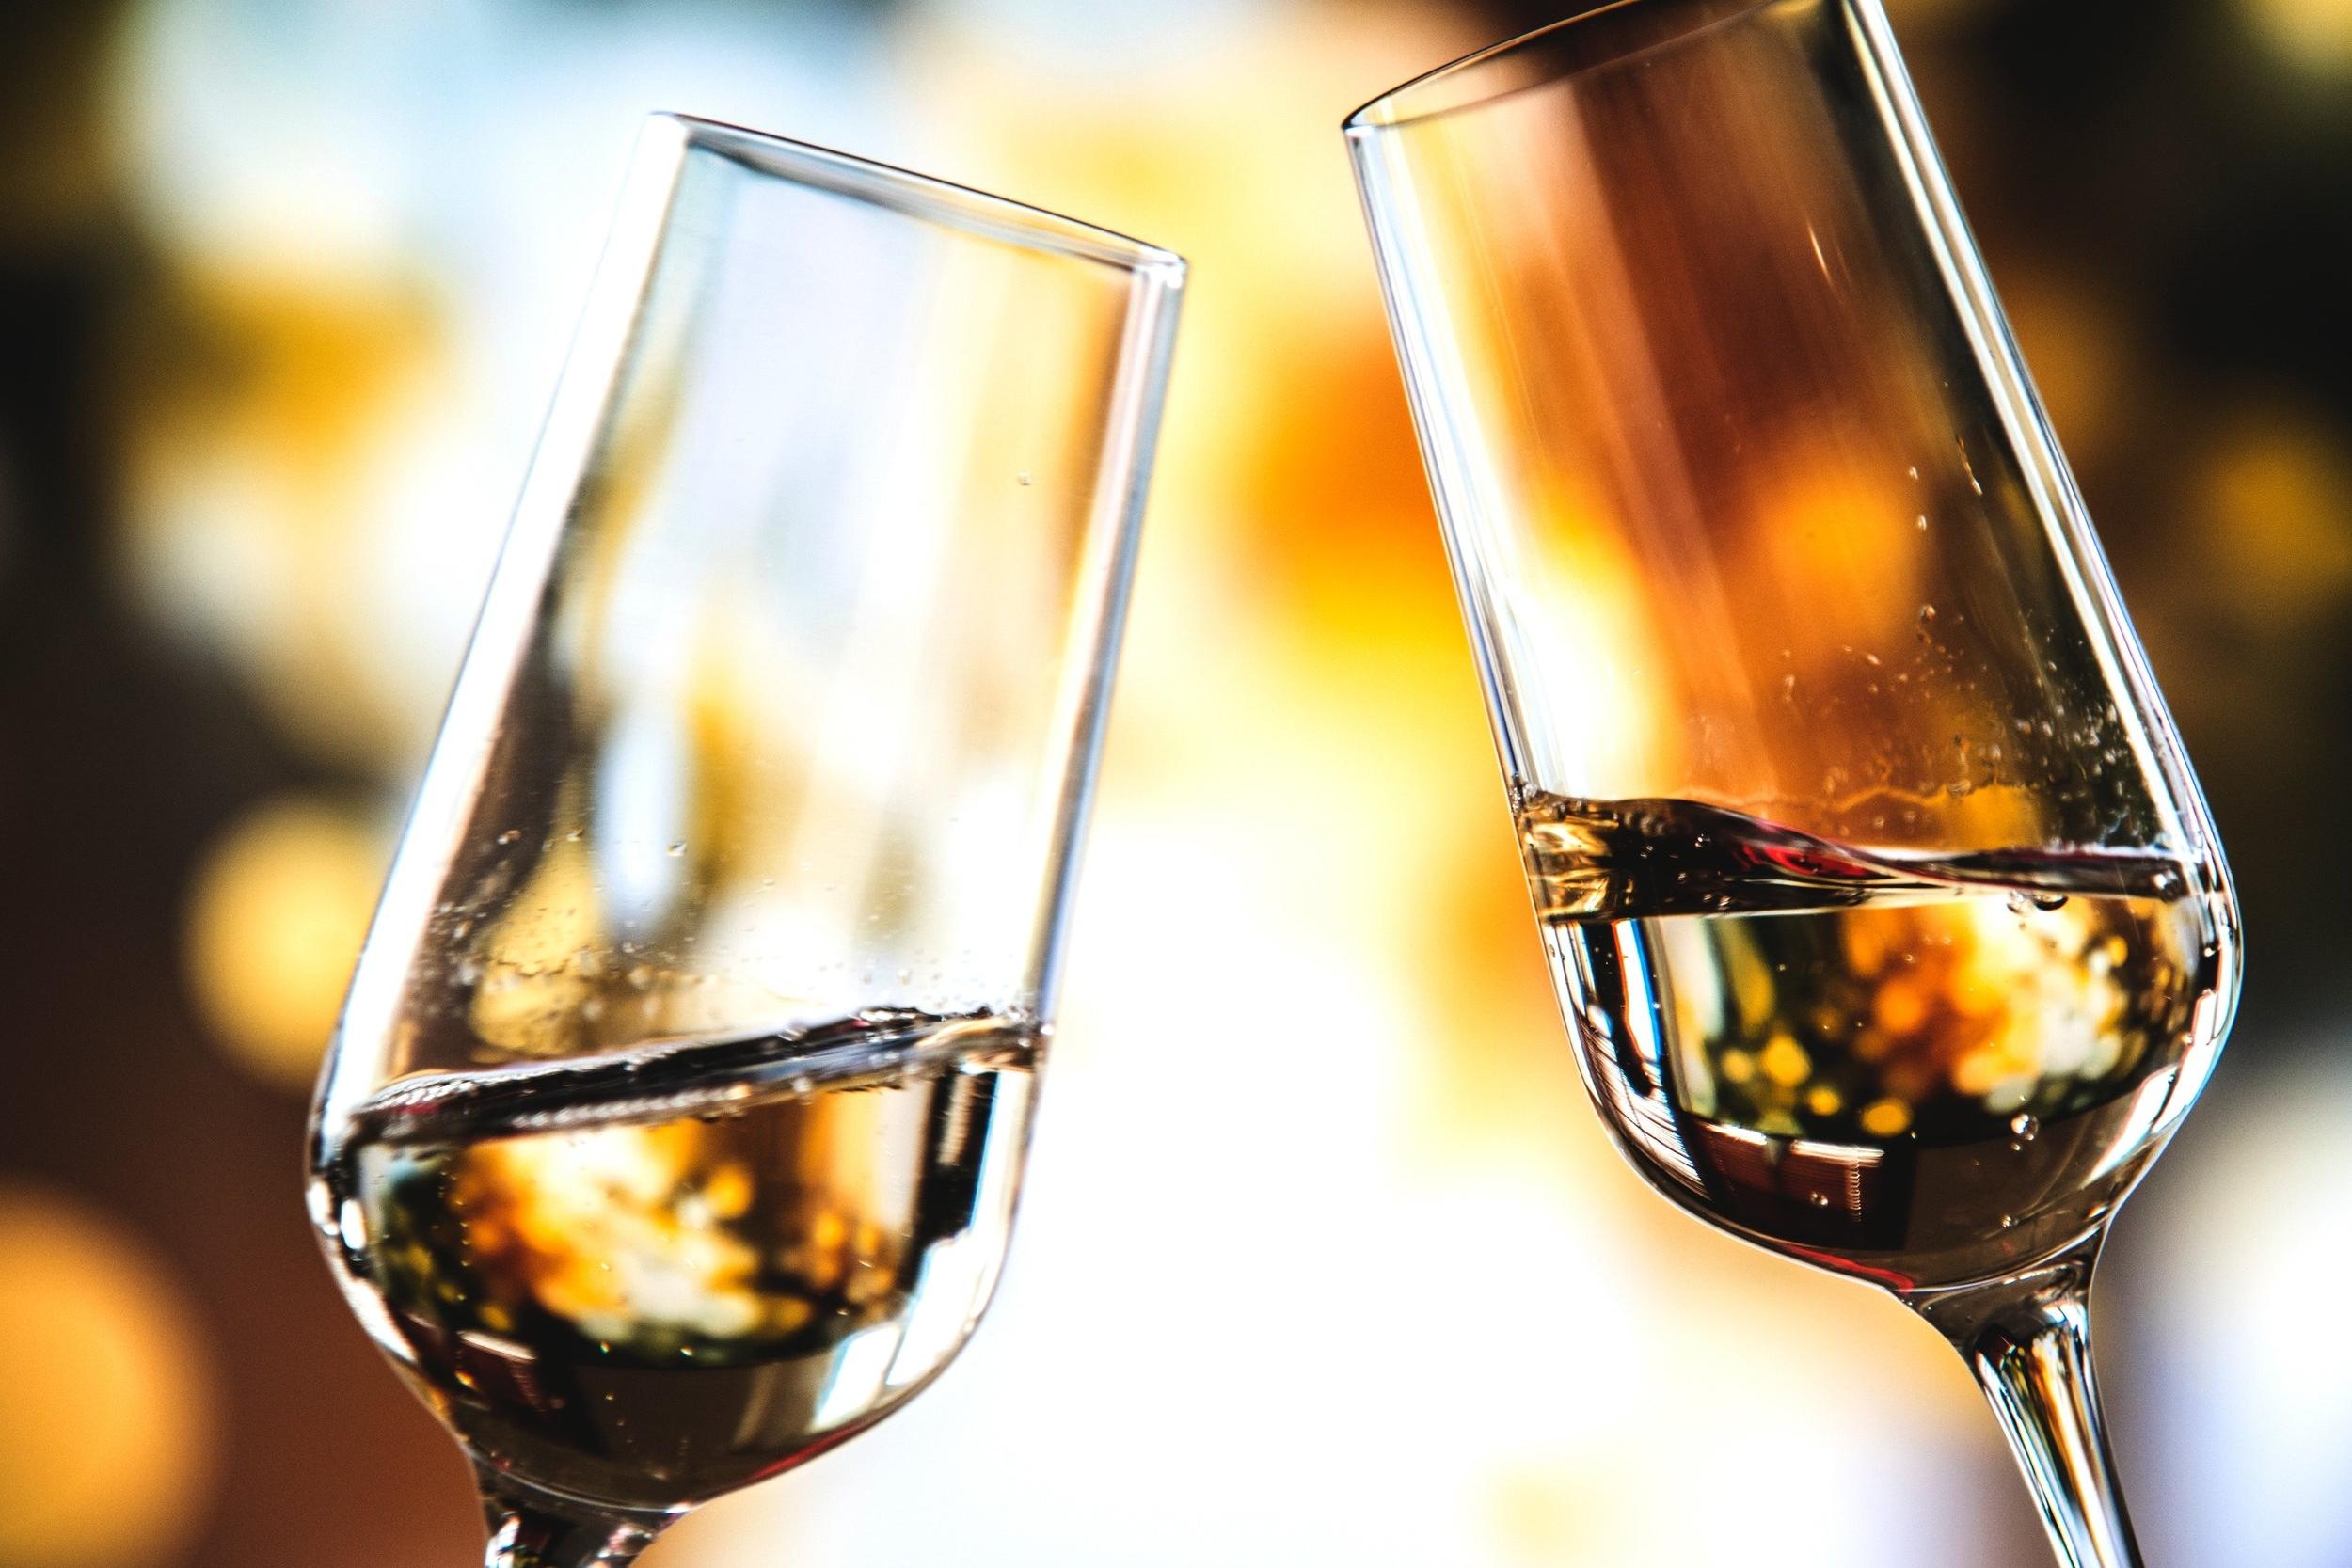 7. Feestje! - Eindelijk kan dan de champagne worden ontkurkt! Maar net als in de praktijk is ook voor ons na een geslaagde bemiddeling nazorg belangrijk. Wij vernemen dan ook graag hoe het je vergaat op je nieuwe werkplek en zullen je als een echte carrièrecoach blijven volgen!